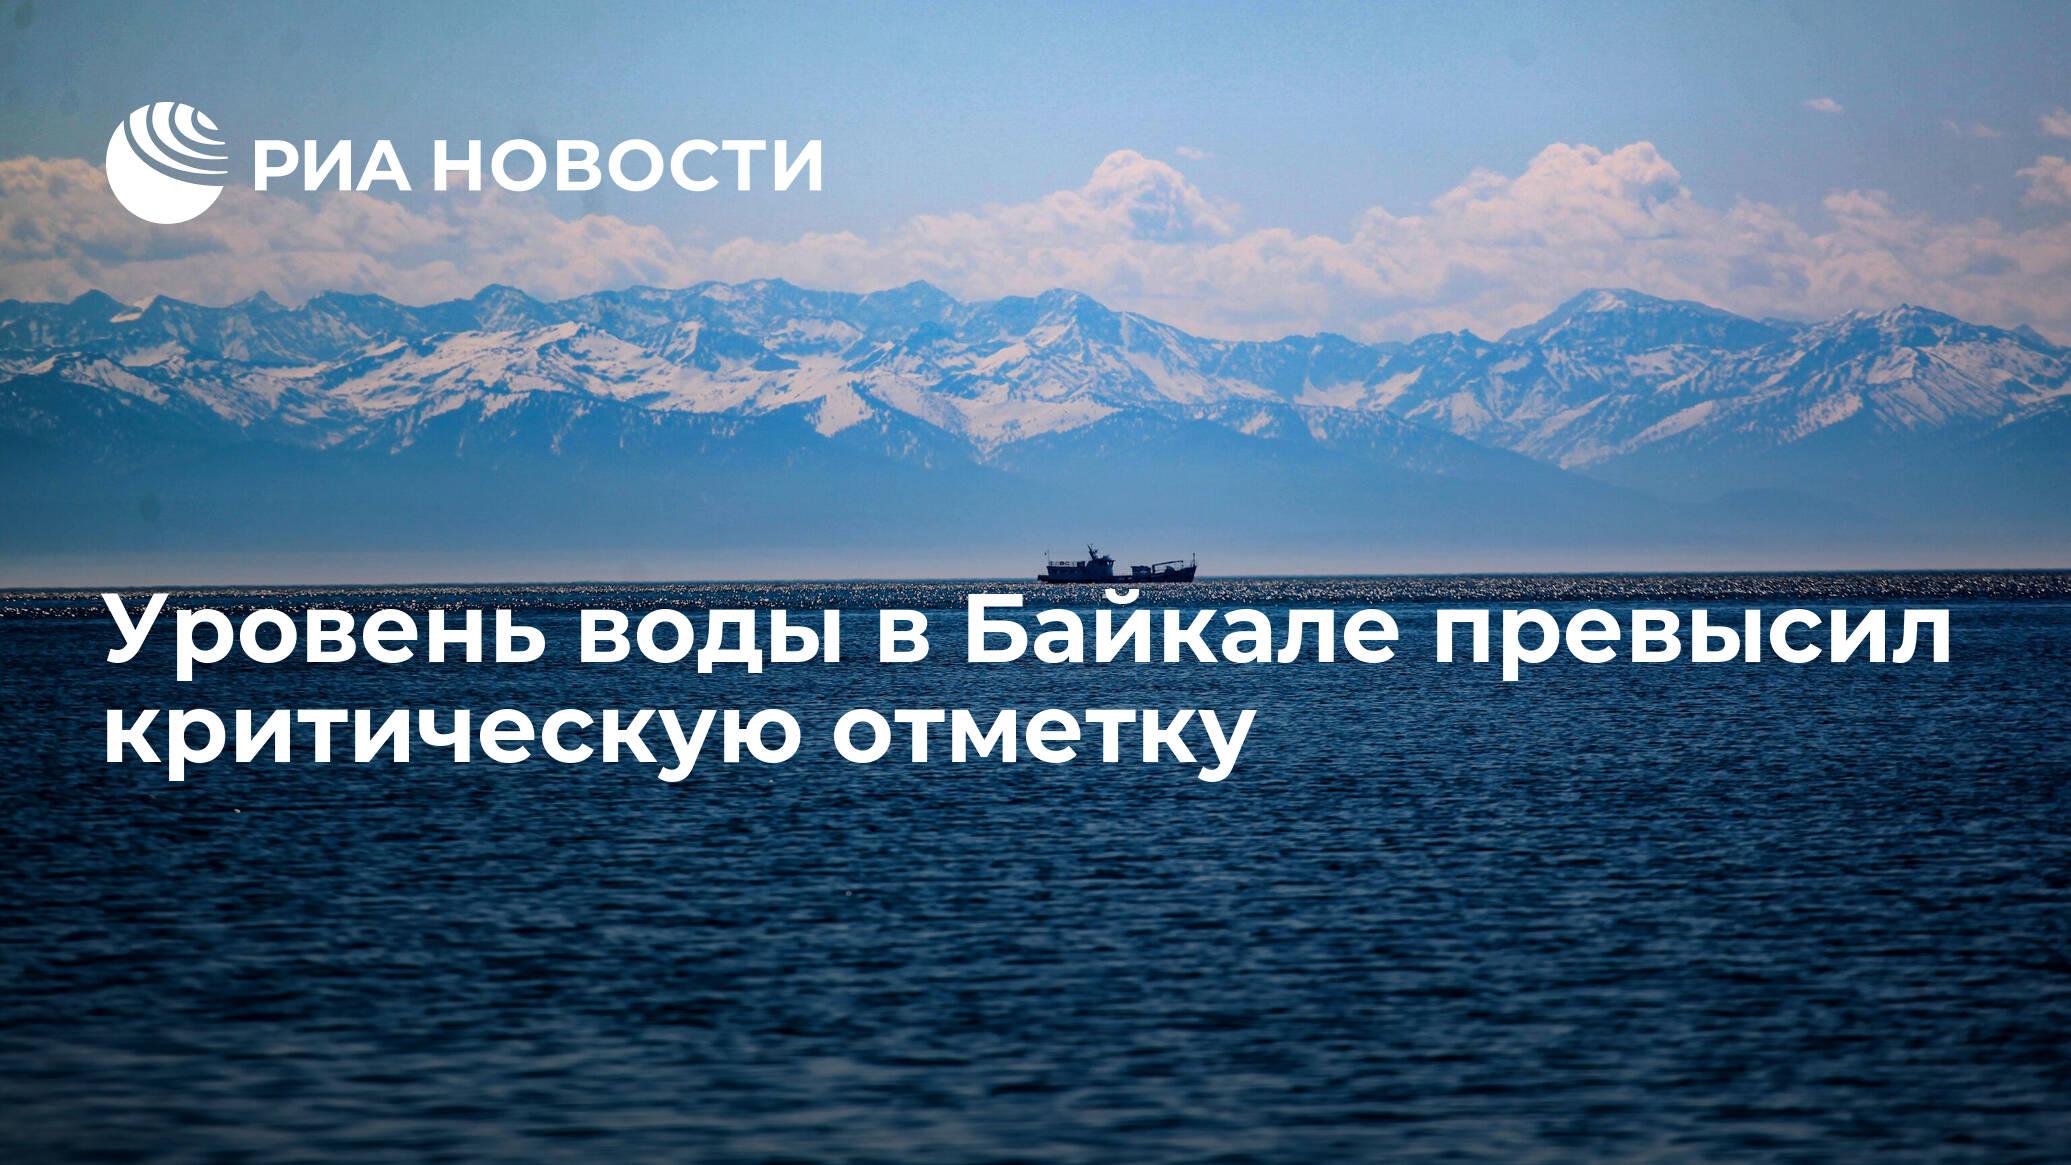 Уровень воды в Байкале превысил критическую отметку